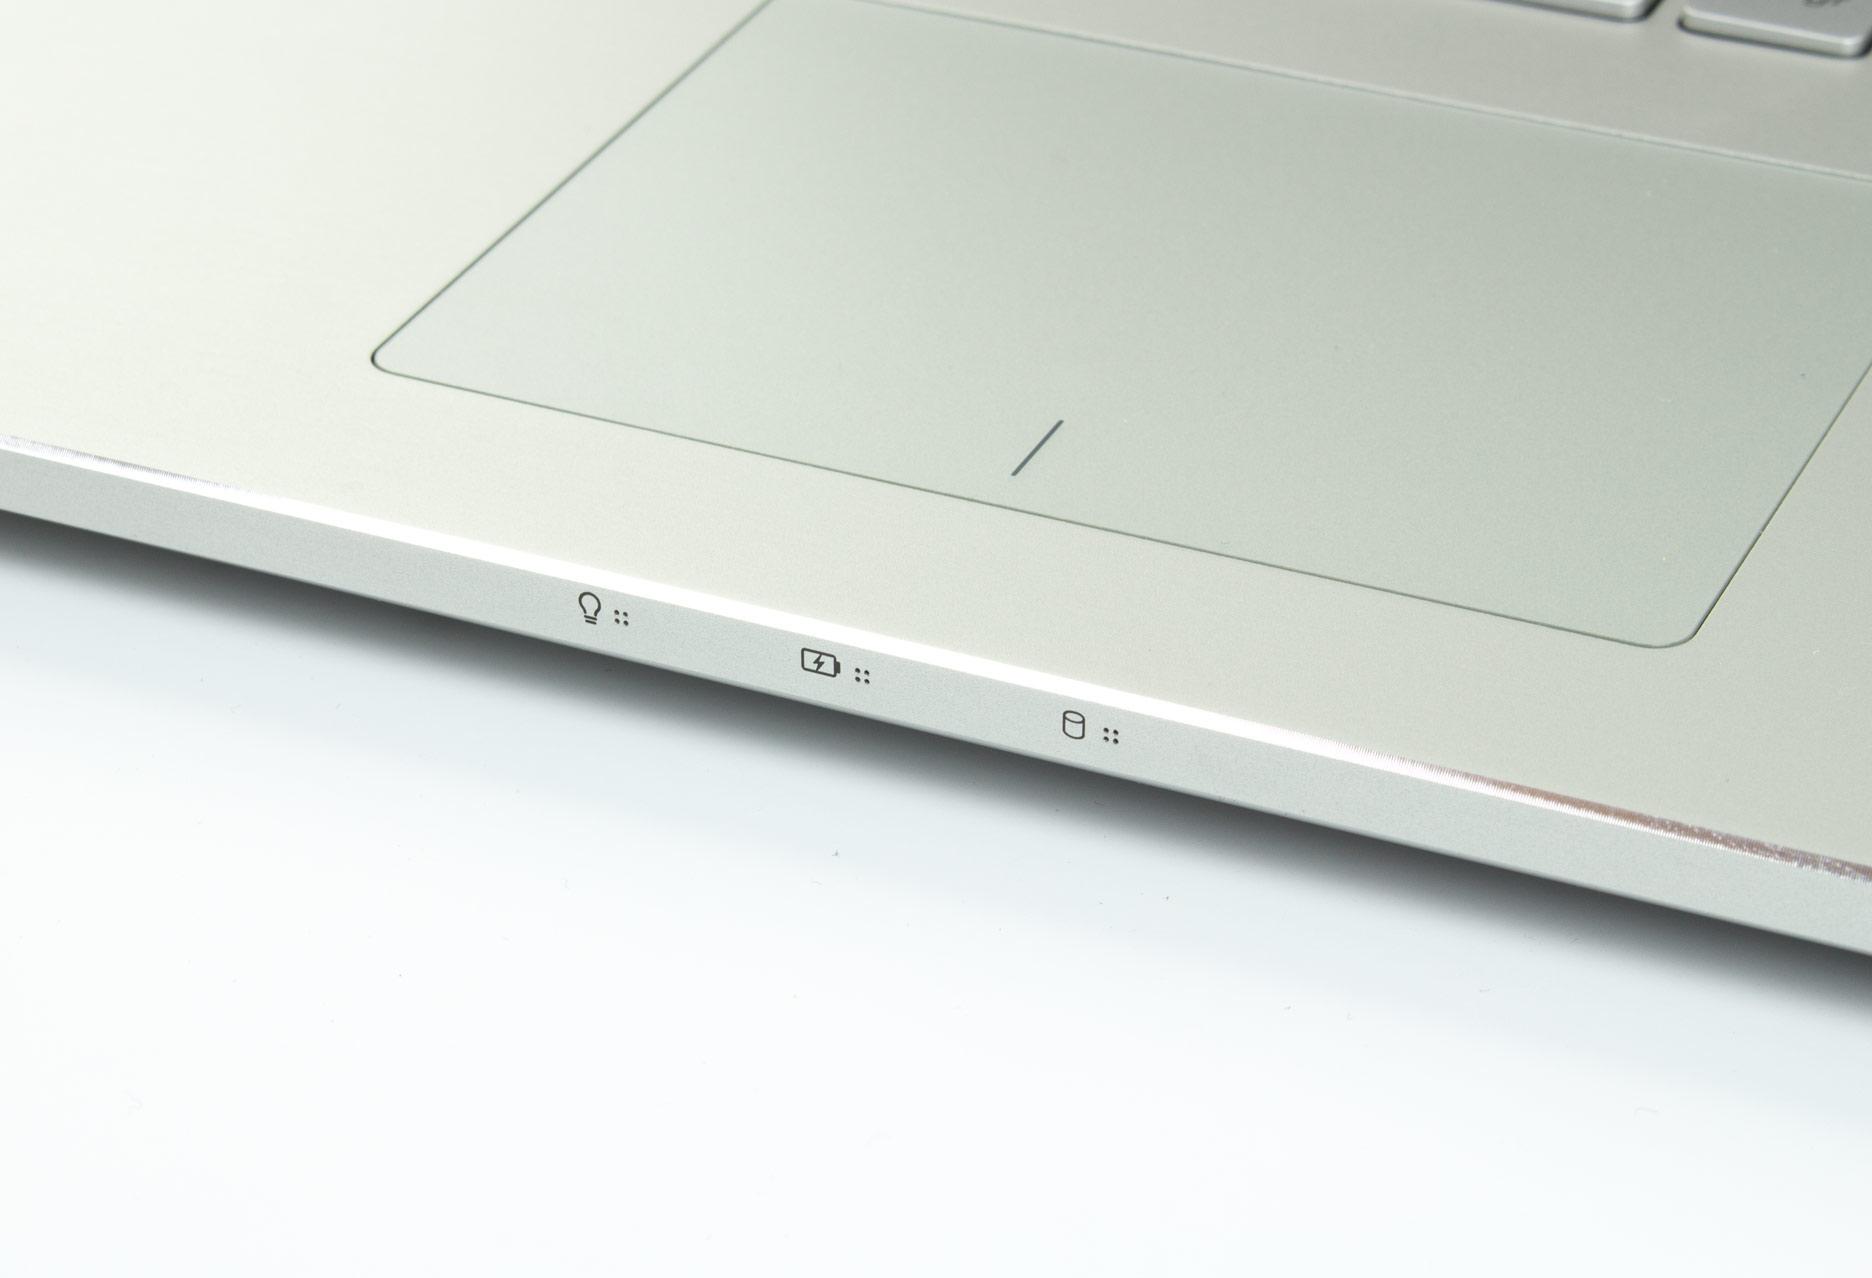 Asus Zenbook Pro UX501 diody informacyjne